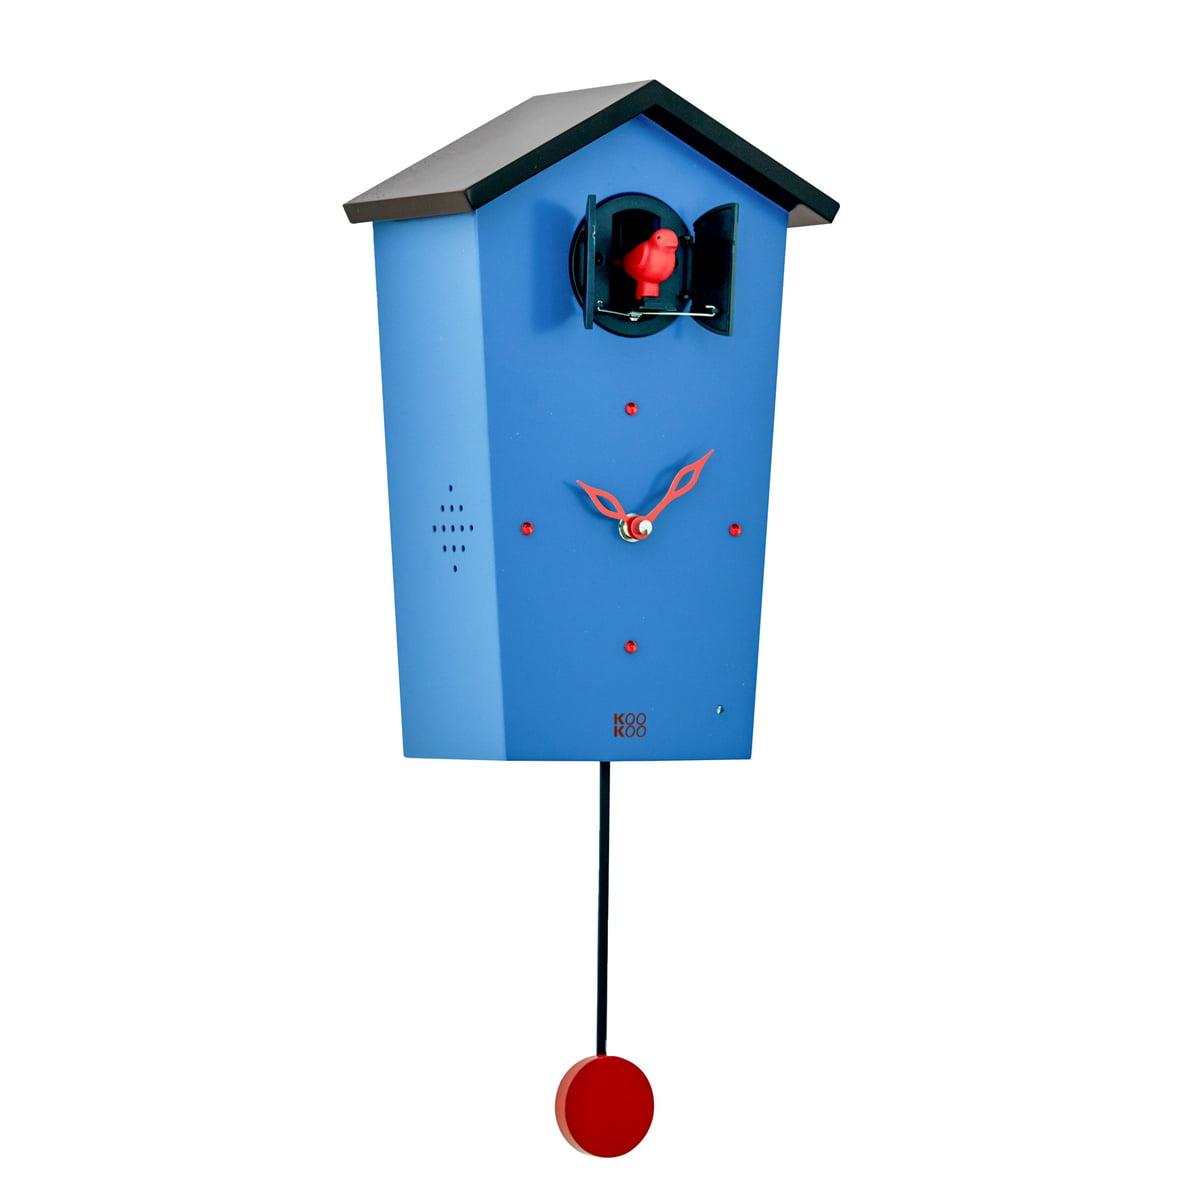 kookoo bird house kuckucksuhr blau limited edition blau h 27 b 17 online kaufen bei woonio. Black Bedroom Furniture Sets. Home Design Ideas